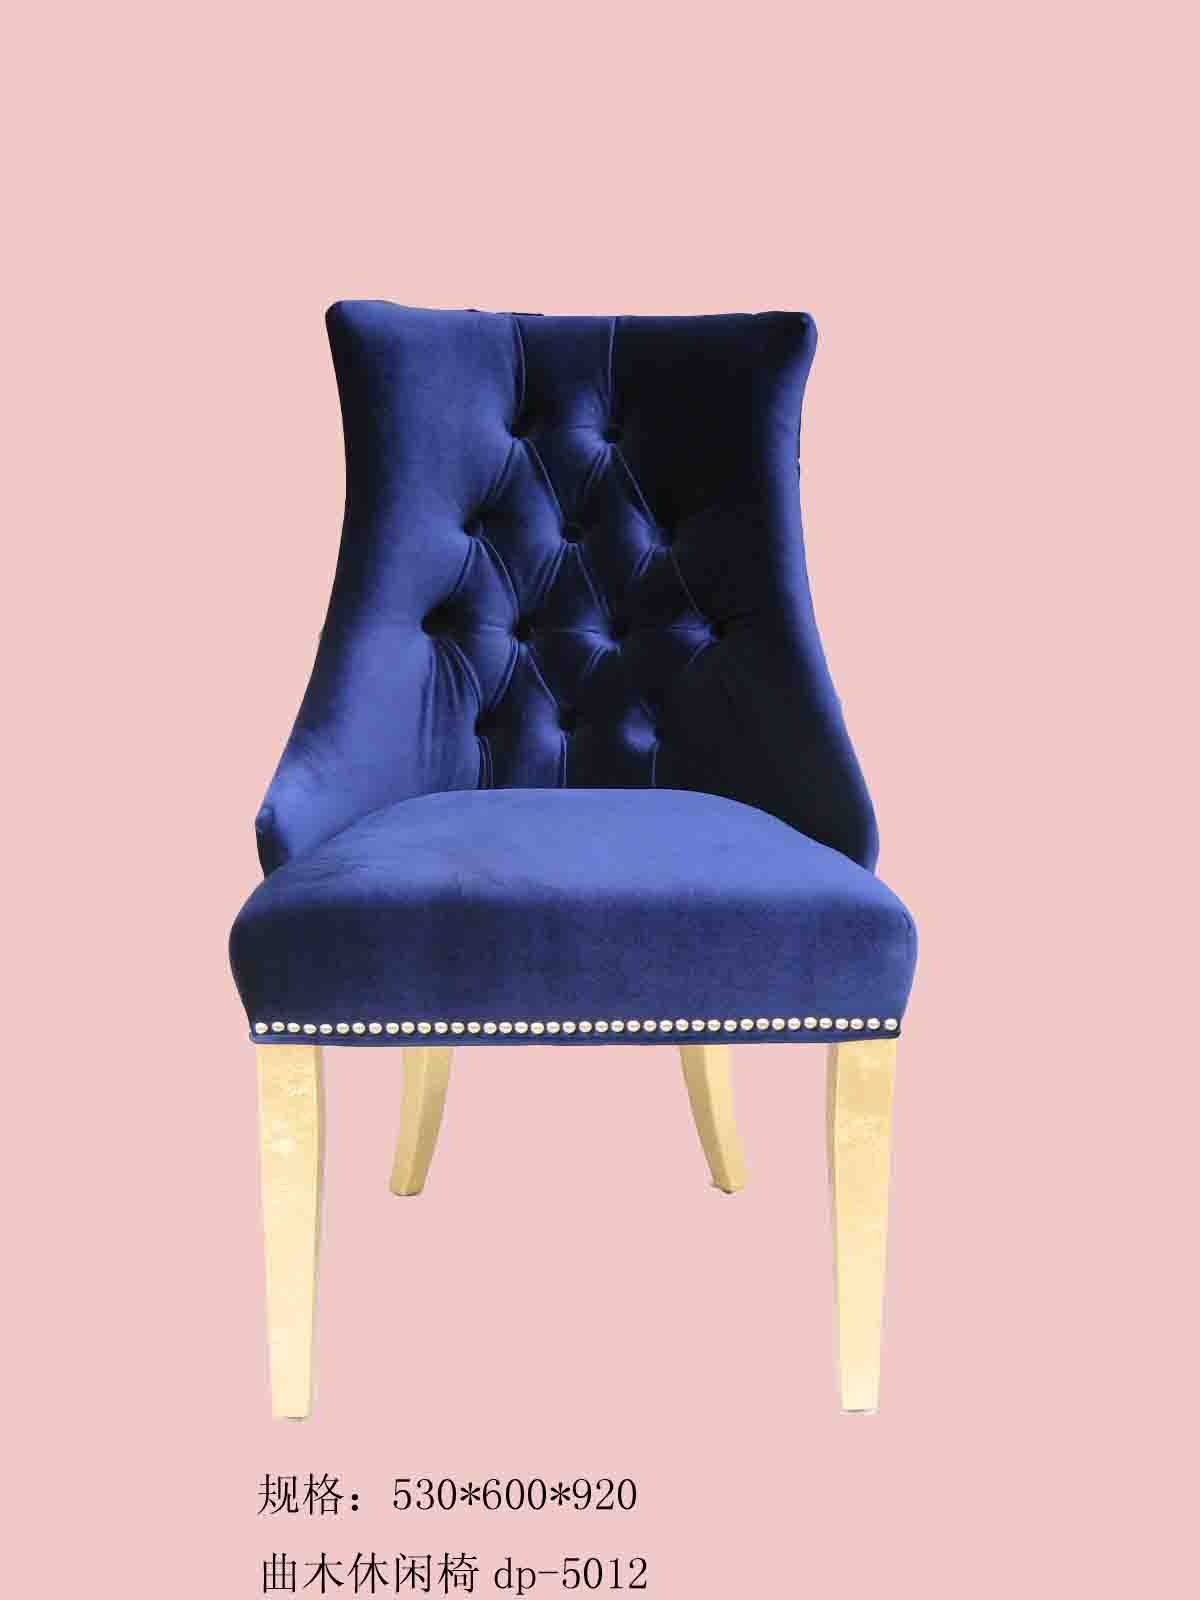 供应美式新古典家具 美式家具 曲木休闲椅